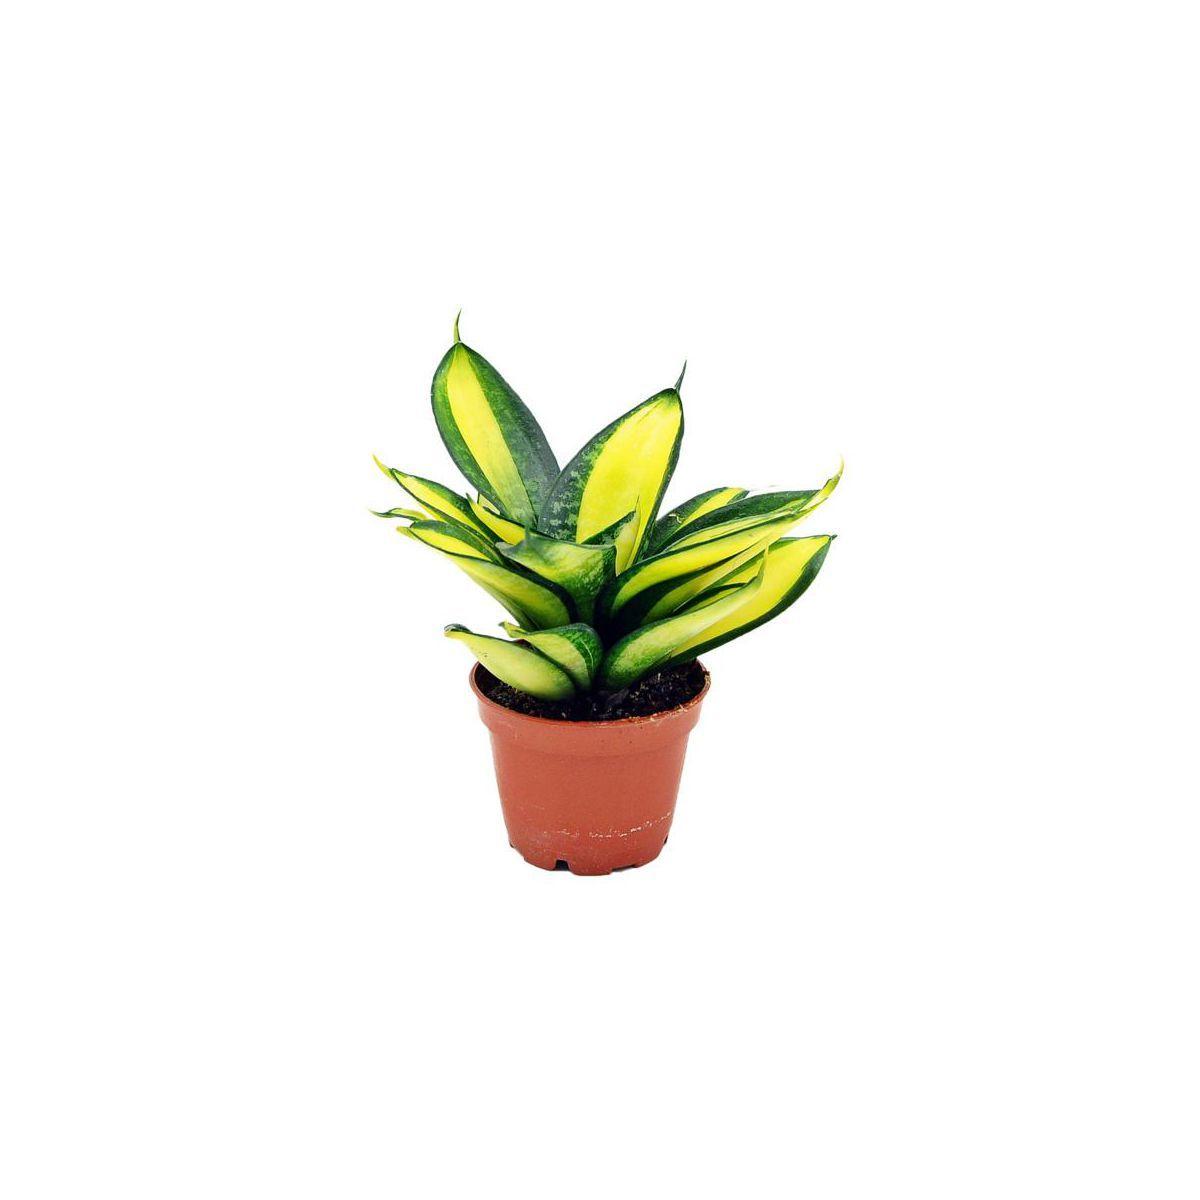 Sansewieria Gwinejska Hahnii Mix 10 Cm Kwiaty Doniczkowe W Atrakcyjnej Cenie W Sklepach Leroy Merlin Leroy Merlin